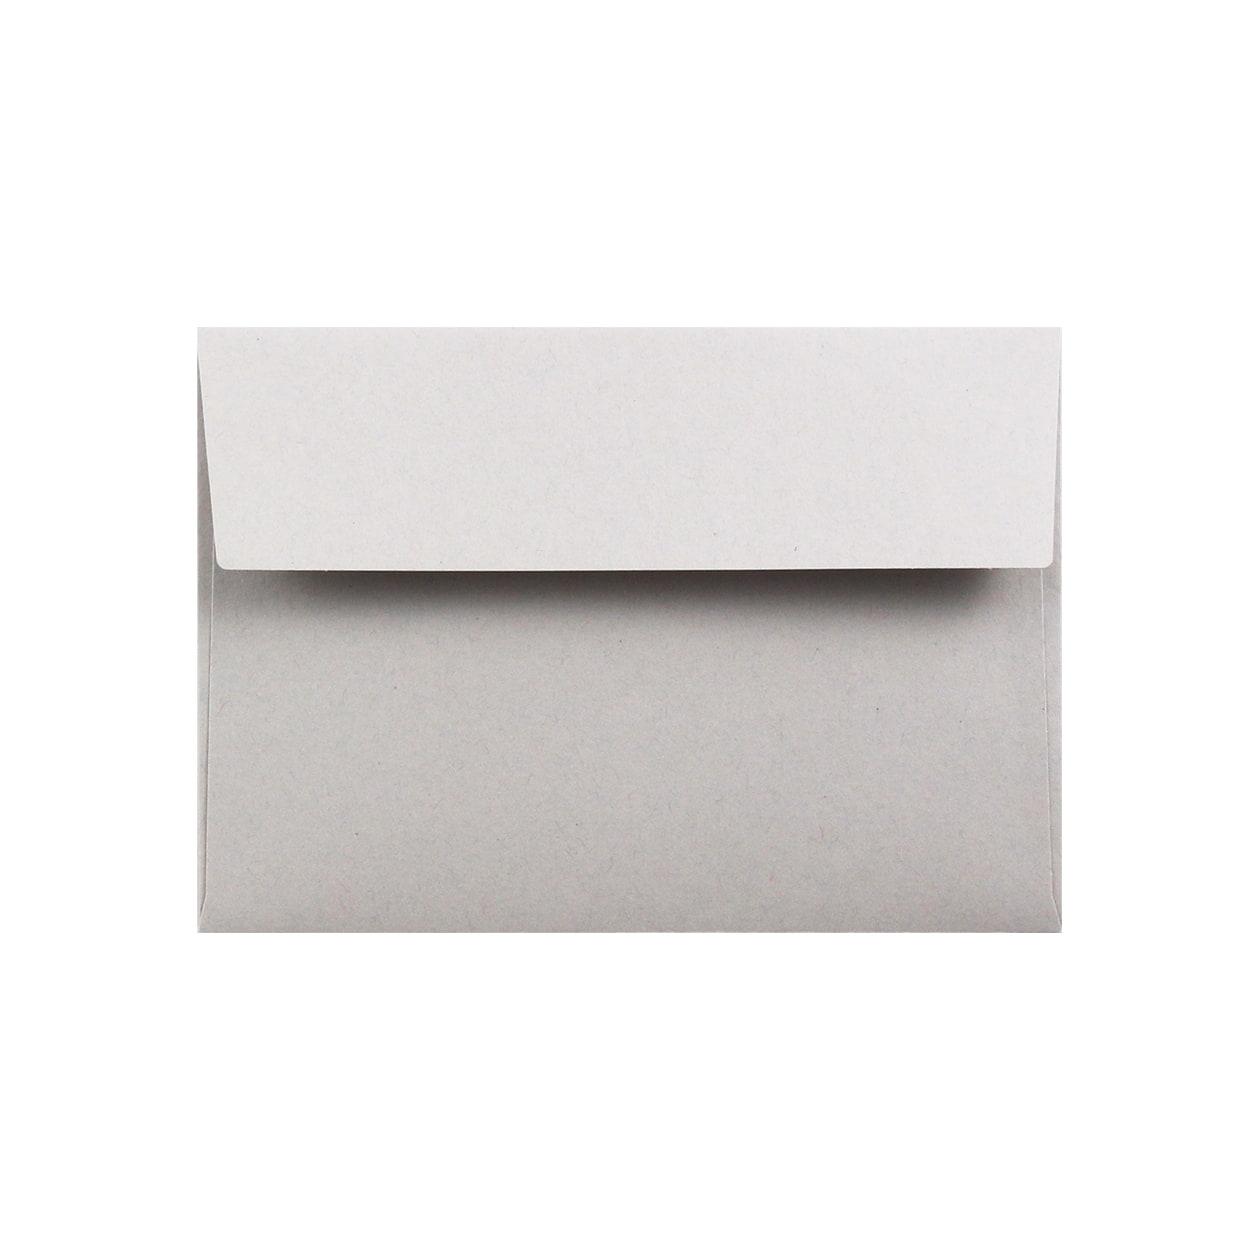 洋2カマス封筒 HAGURUMA Basic ライナーグレイ 100g